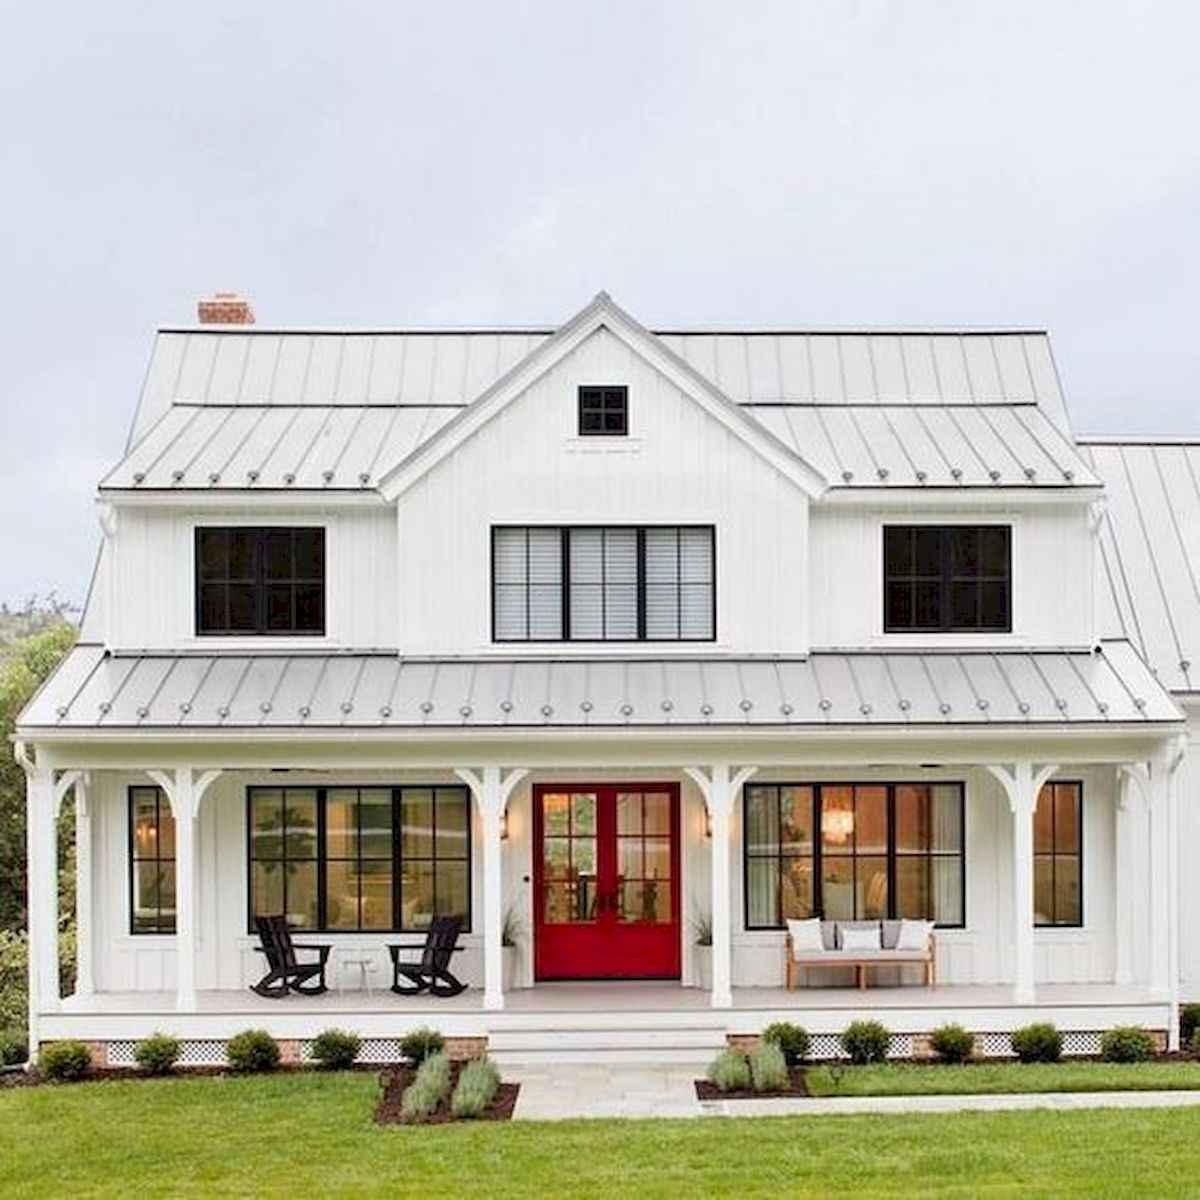 40 Stunning White Farmhouse Exterior Design Ideas (19)